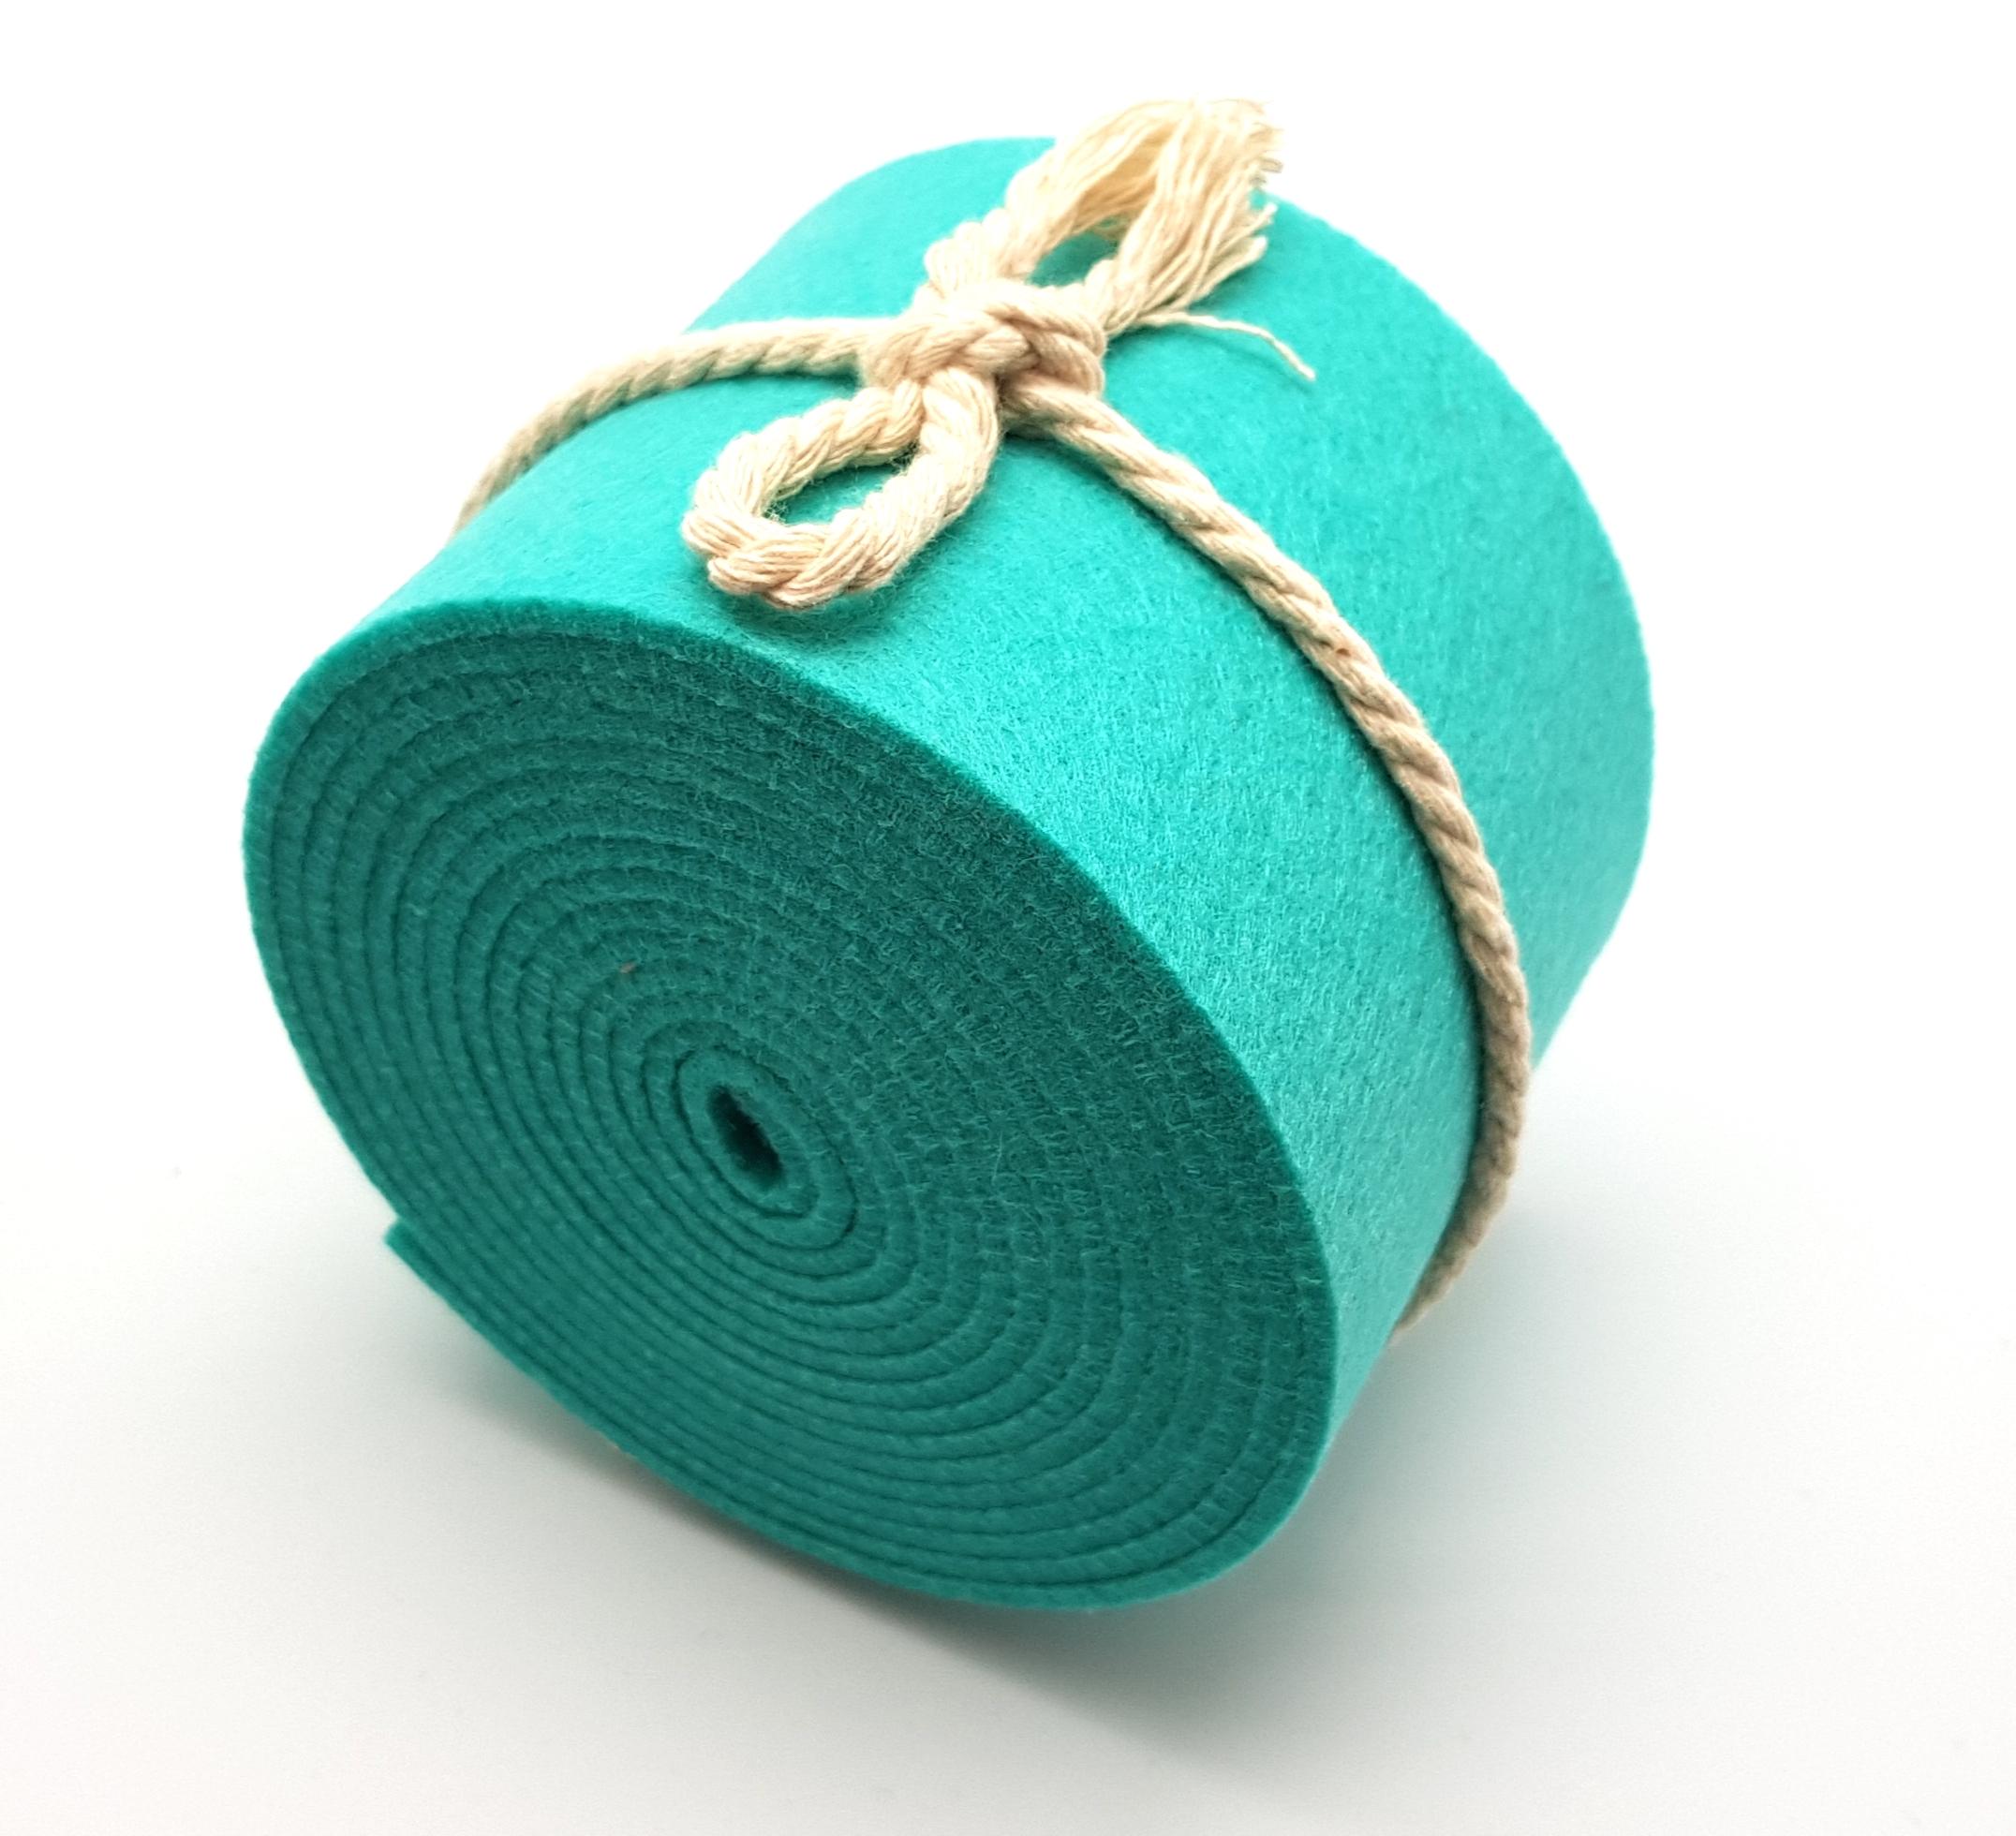 8-cm-rolle-türkis - Handgemachte individualisierbare Taschen, Körbe, Tischsets, Dekoartikel und mehr auf fideko.de der Onlineshop seit 2011